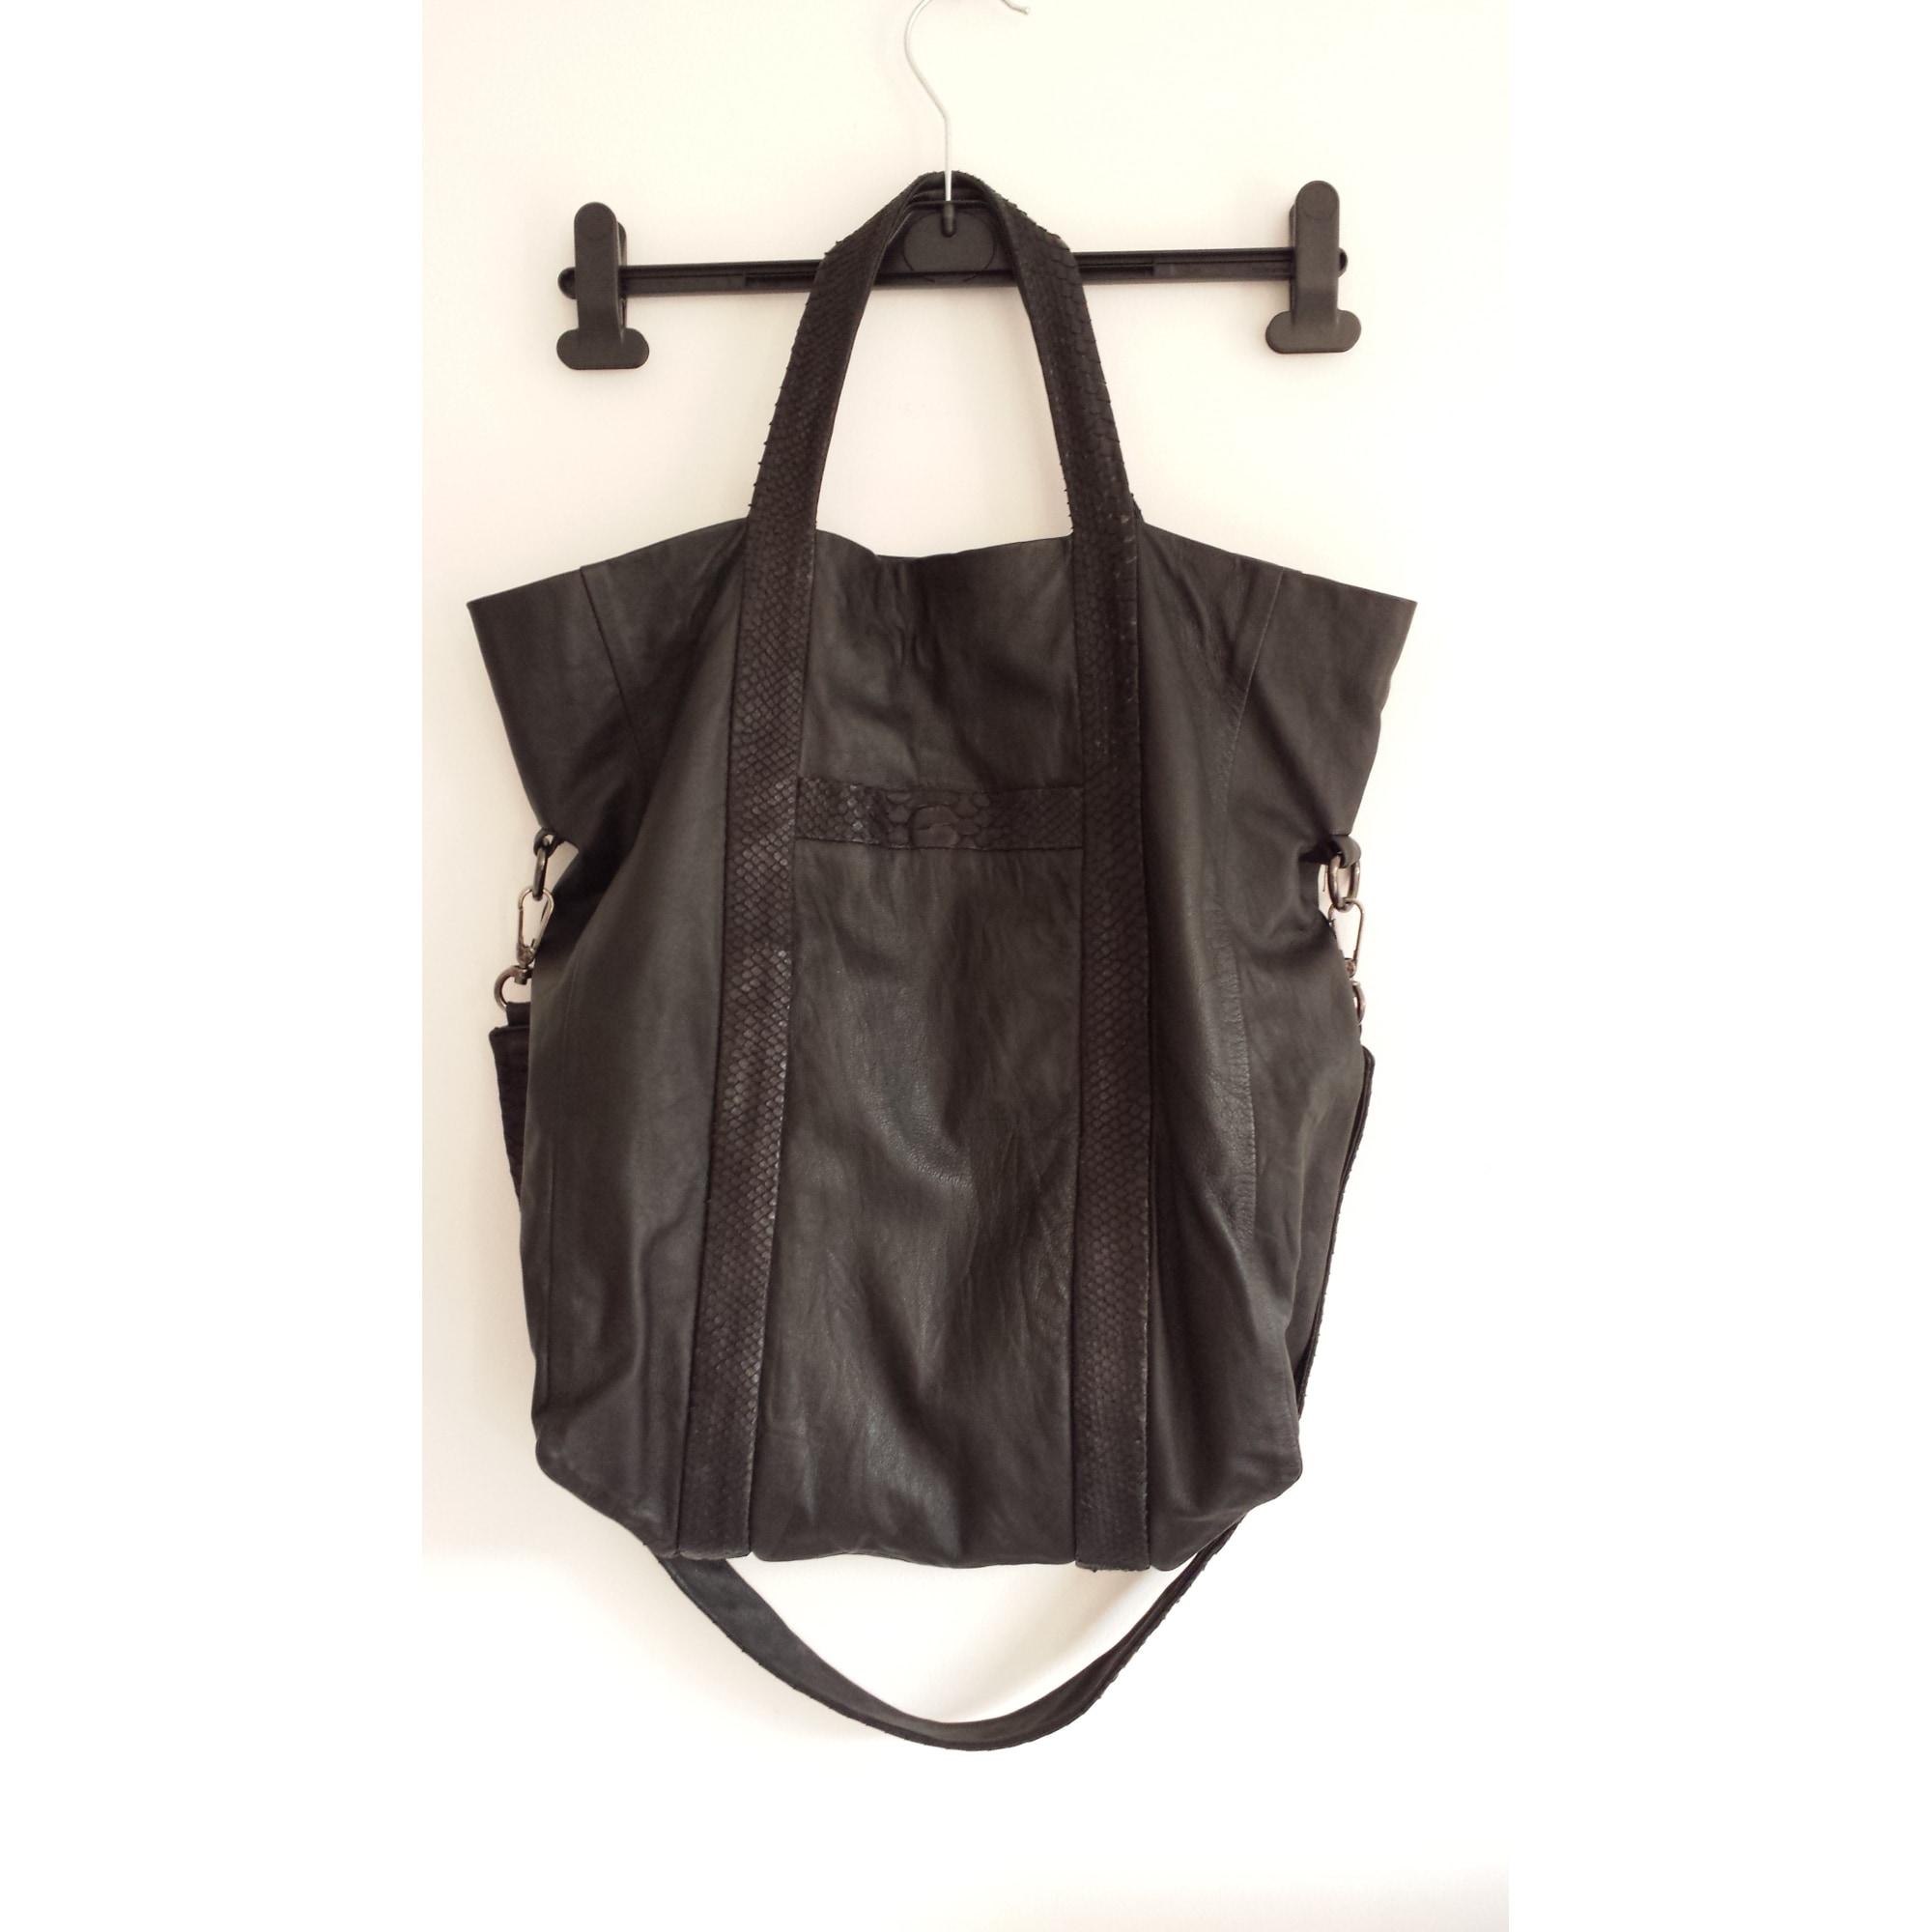 Sac à main en cuir KARMA KOMA noir vendu par Roxane 02208857 - 3054701 2b7b88719ca